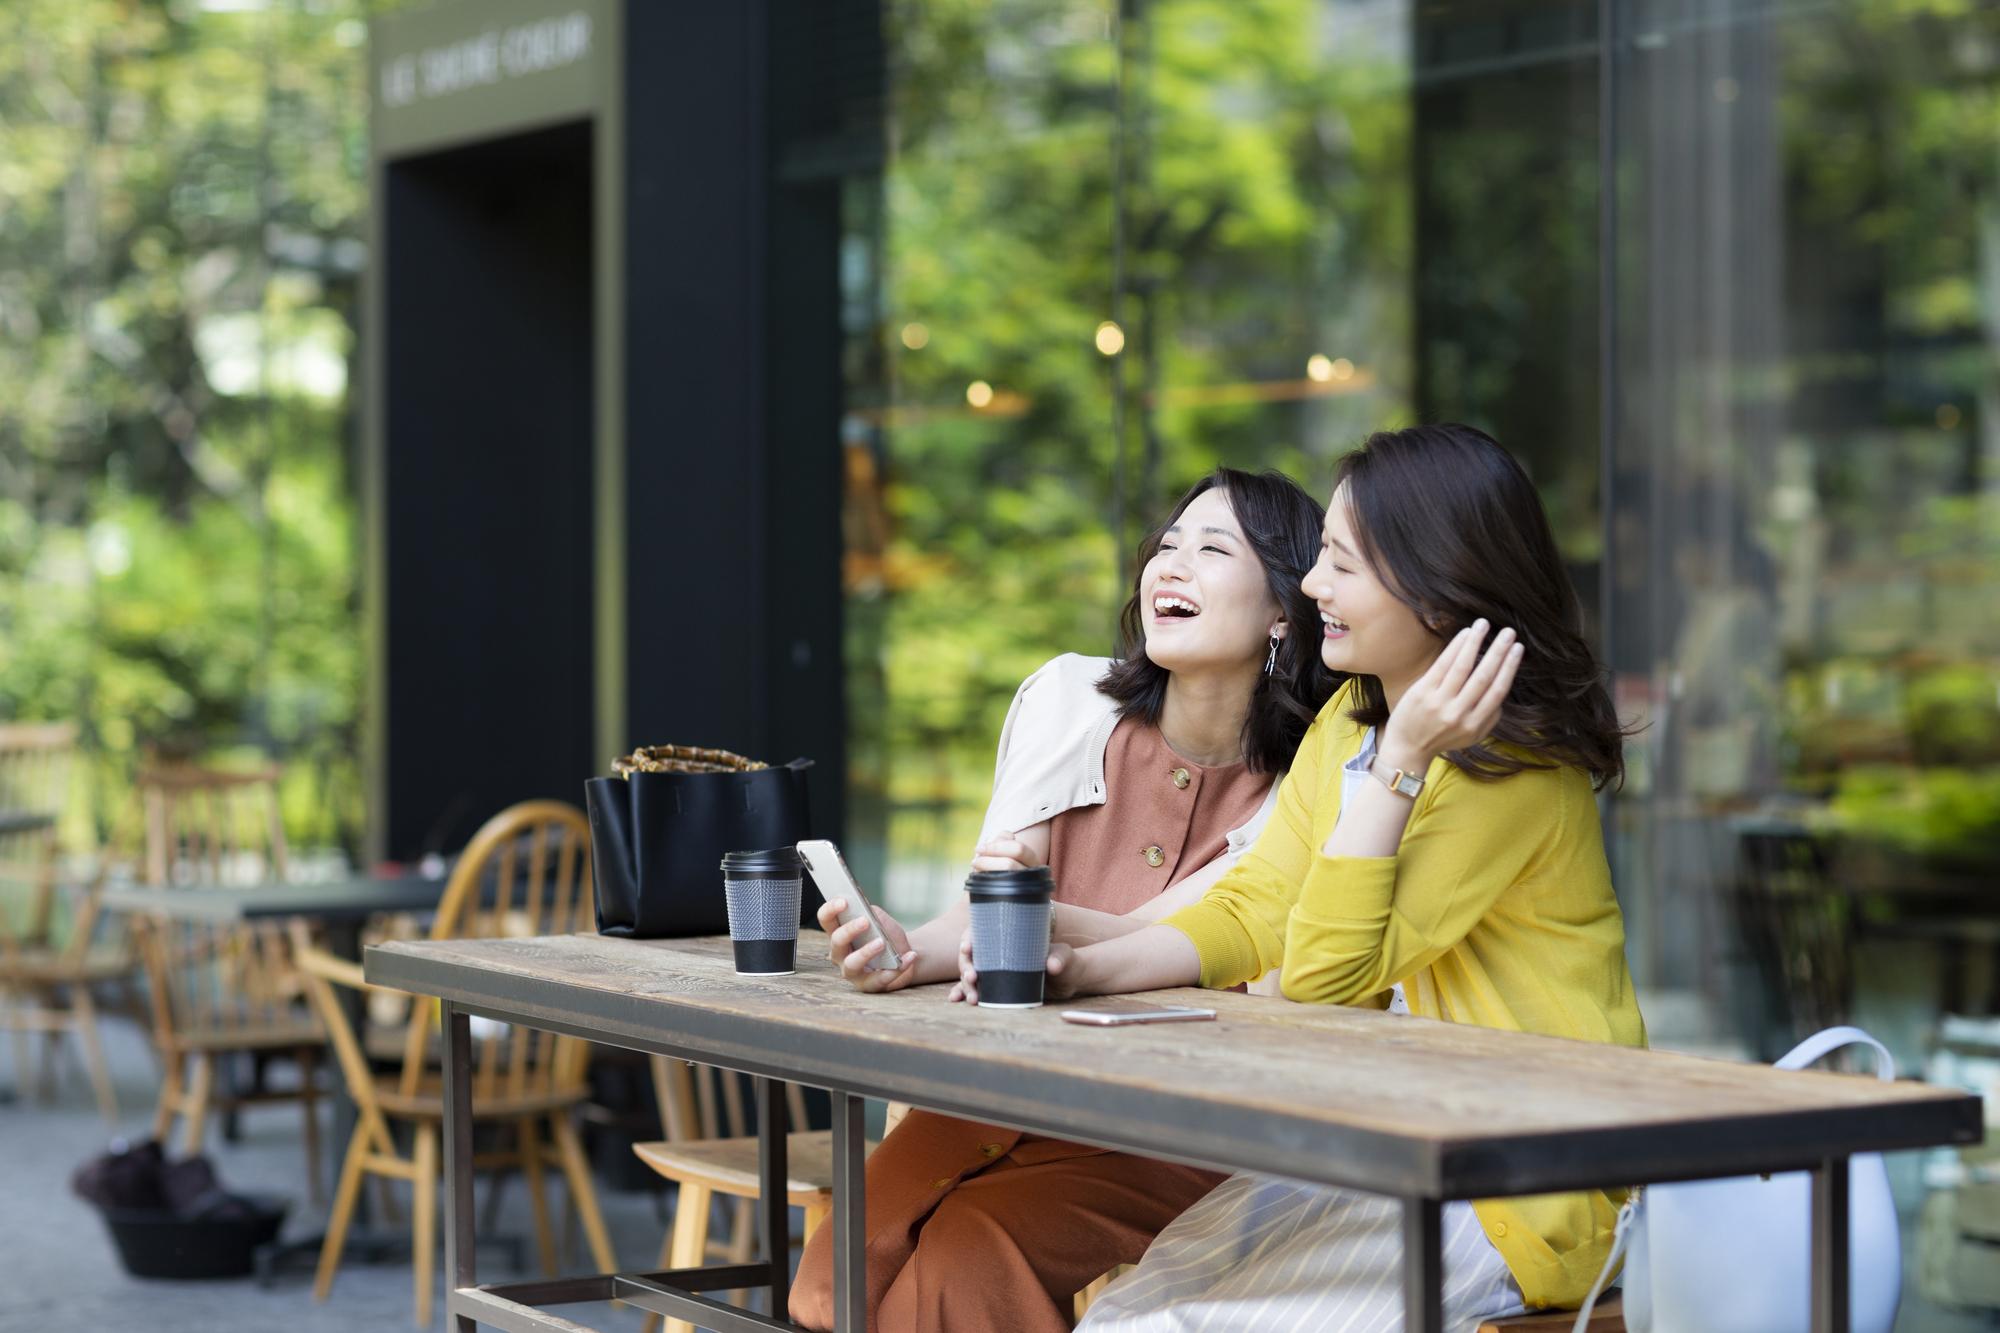 カフェで過ごす女性2人